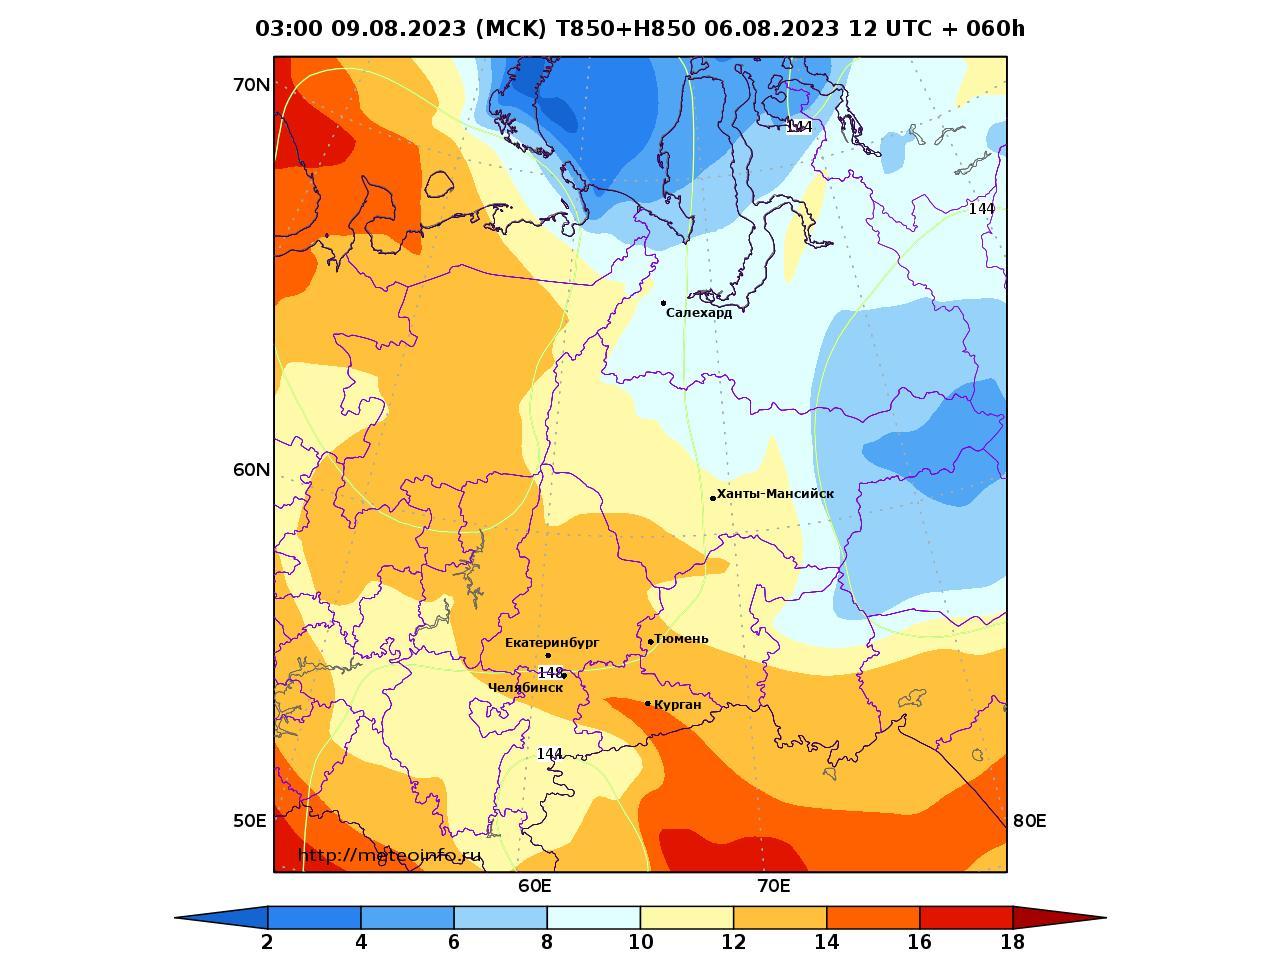 Уральский Федеральный округ, прогностическая карта температура T850 и геопотенциал H850, заблаговременность прогноза 60 часов